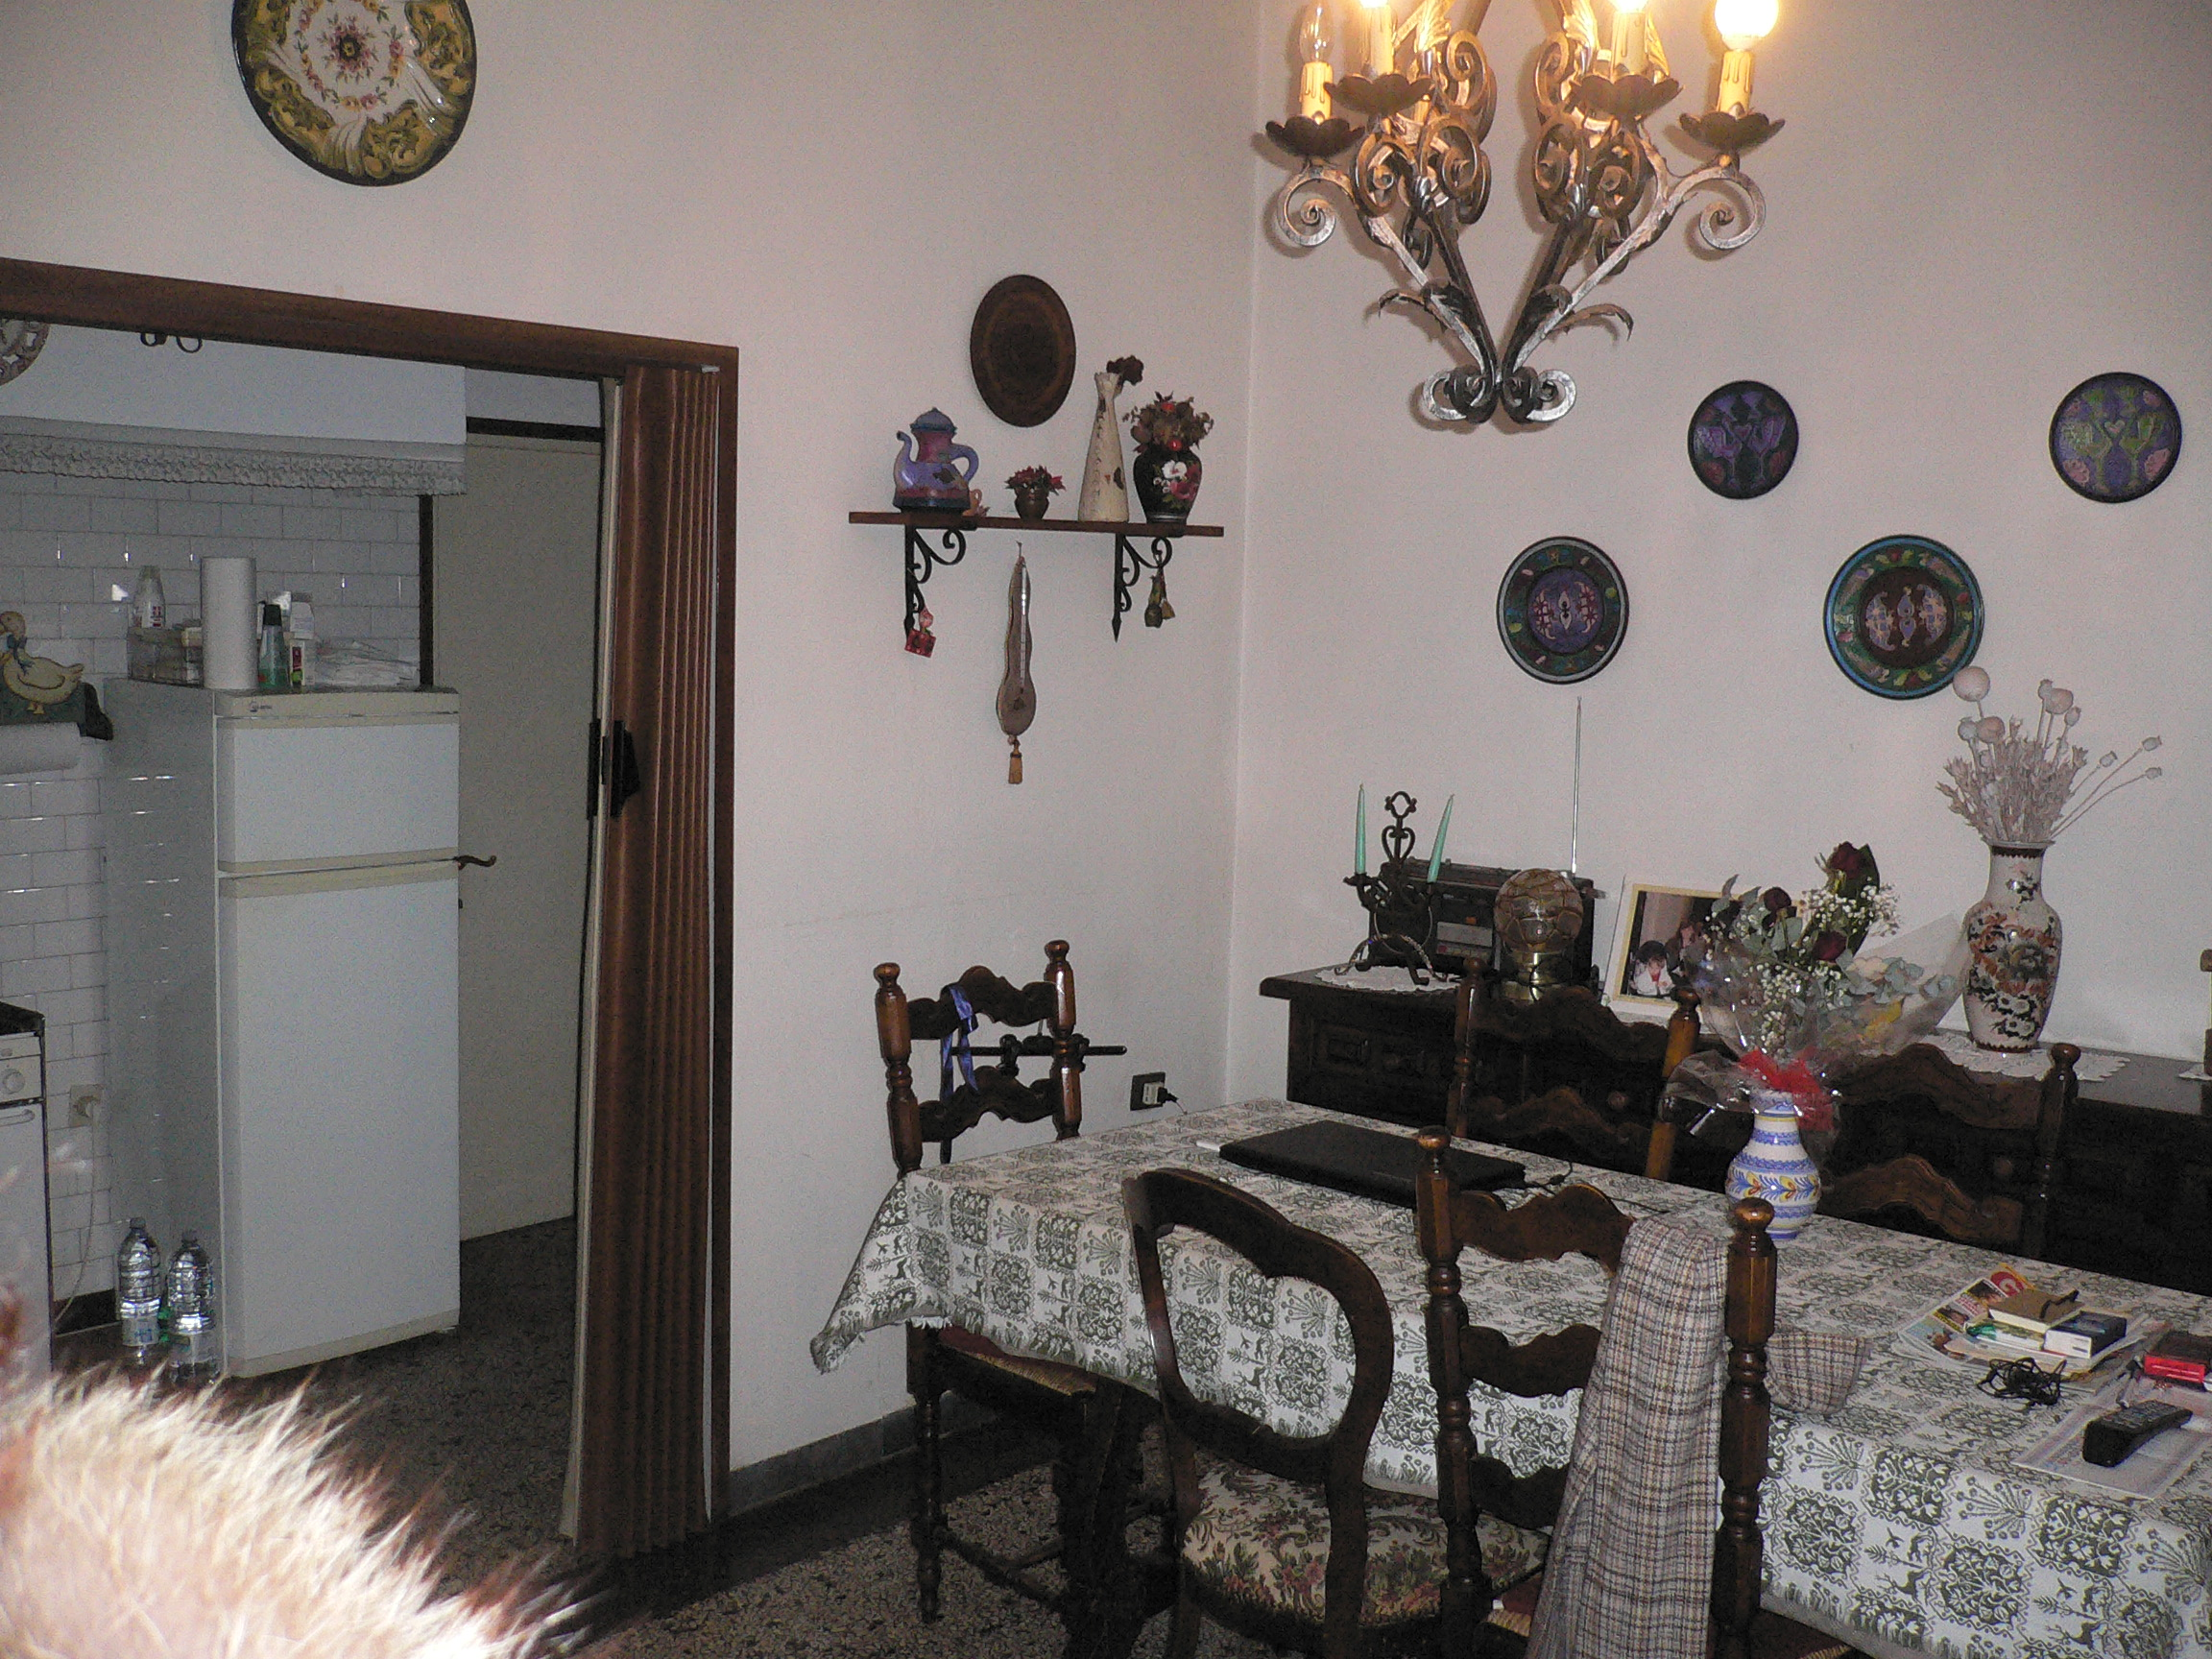 Casa indipendente in vendita a venezia agenzie immobiliari venezia - Classe energetica casa g ...